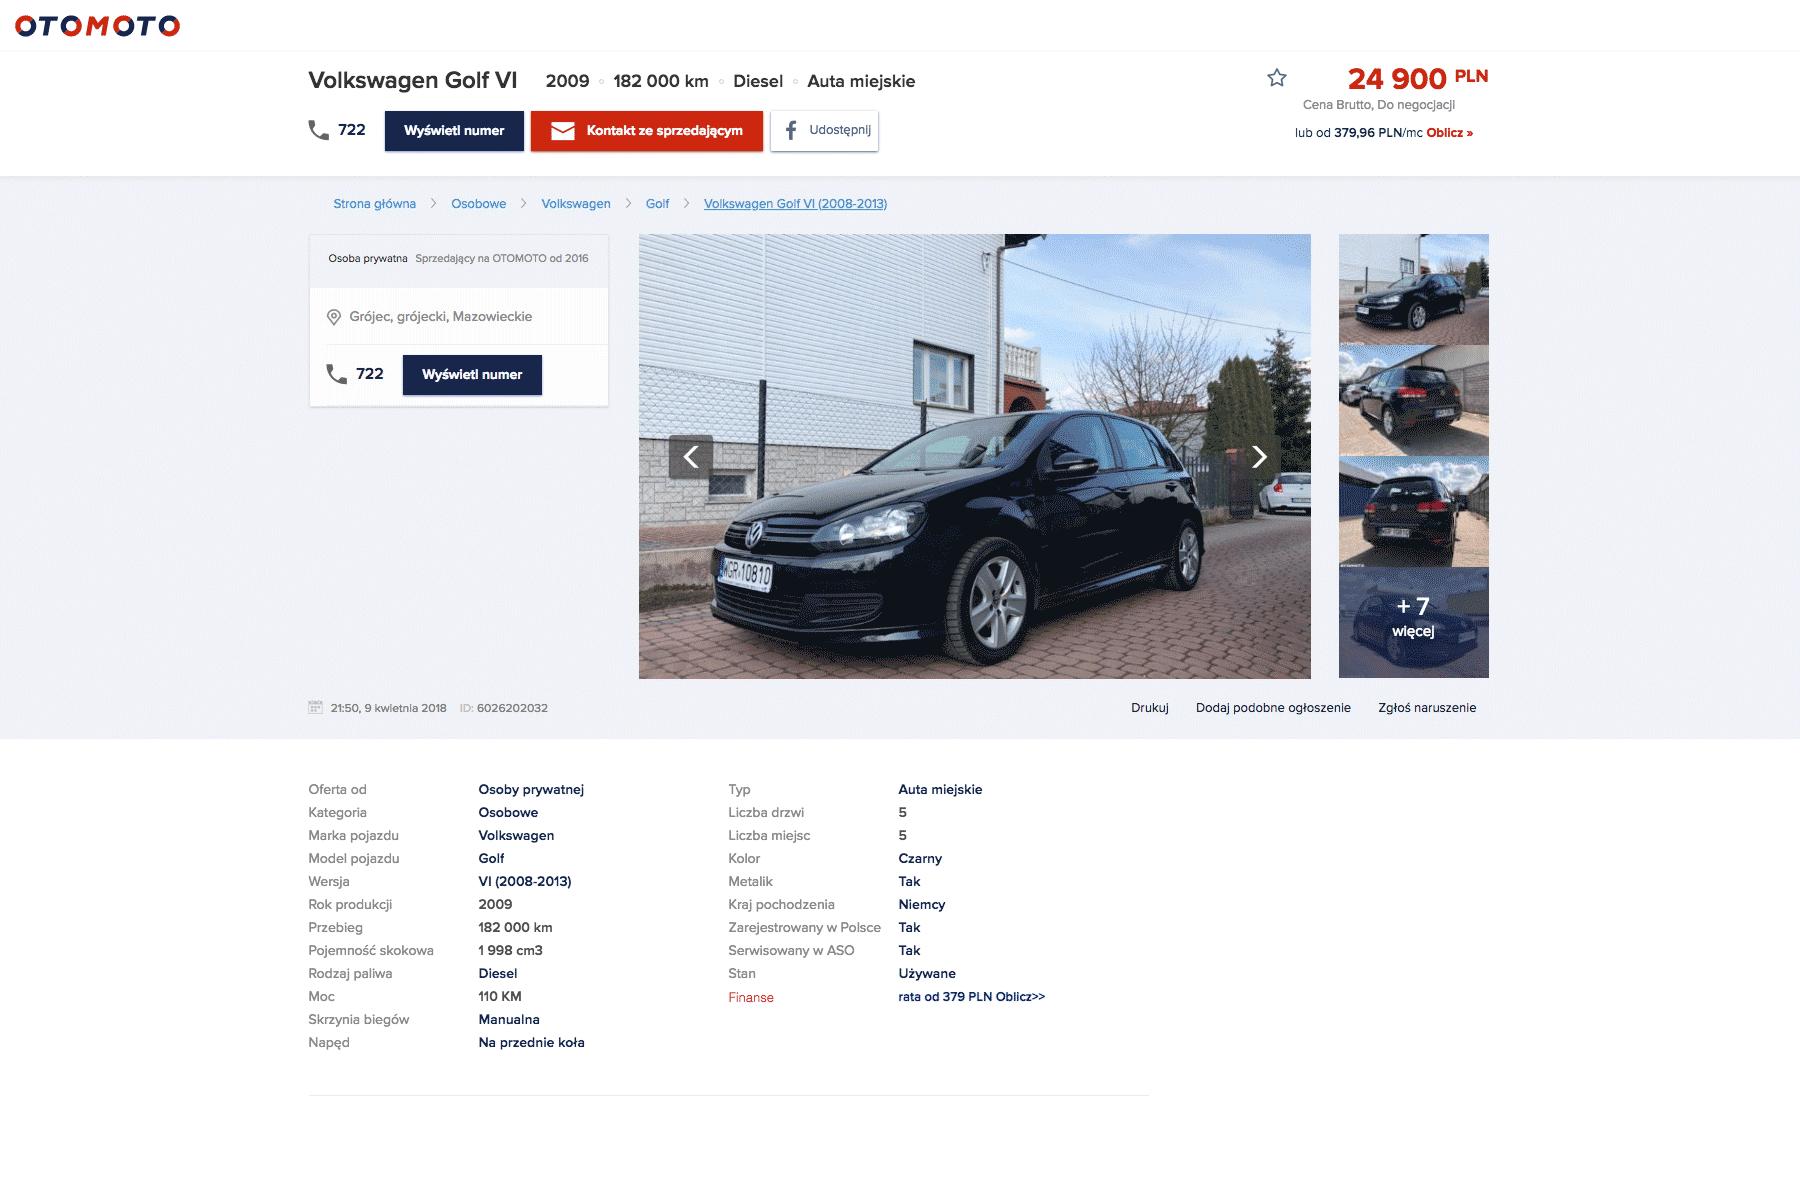 Подержанный Фольксваген Гольф 6 можно купить за 24 900 злотых (416 000 р.) на сайте Otomoto.pl